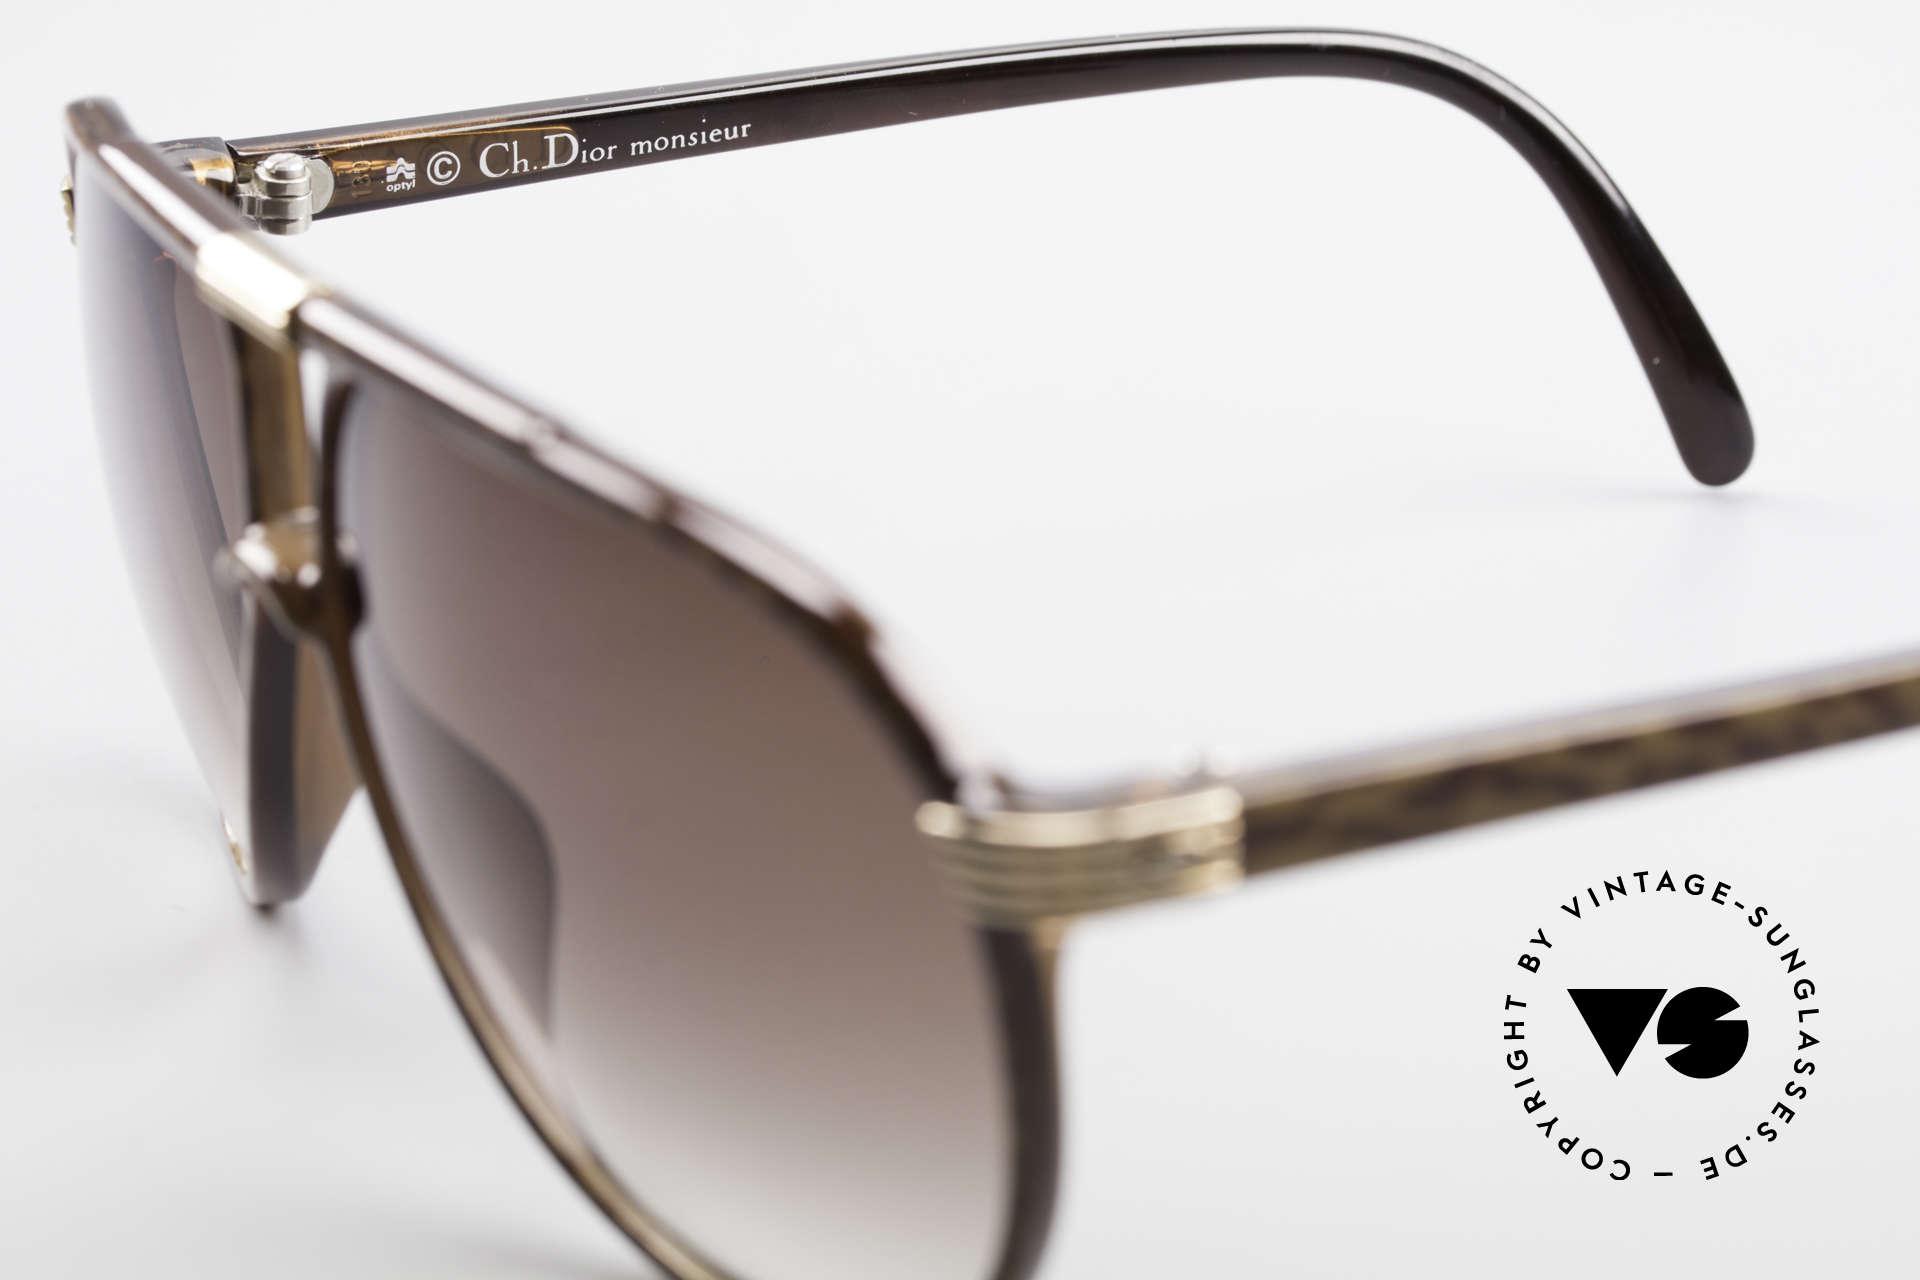 Christian Dior 2300 80er Aviator Sonnenbrille, ungetragen (wie alle unsere Dior Monsieur Brillen), Passend für Herren